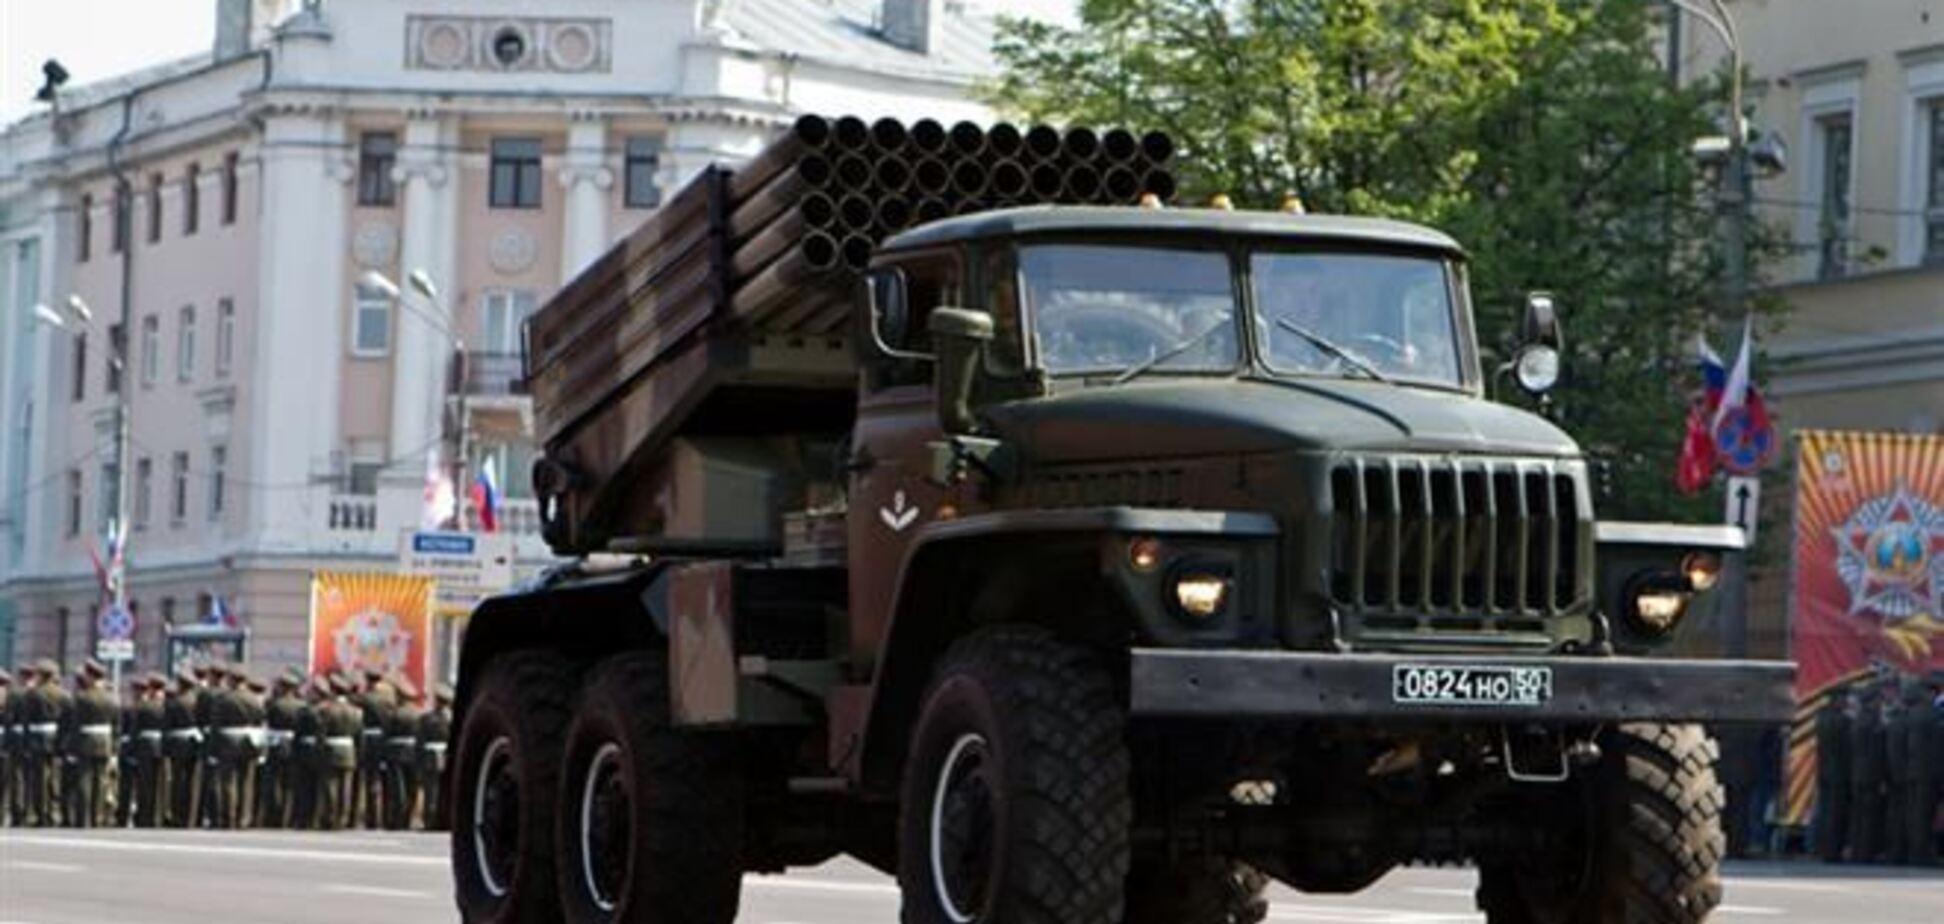 Система залпового огня 'Град' упала с моста в Сумской области, есть погибшие - СМИ